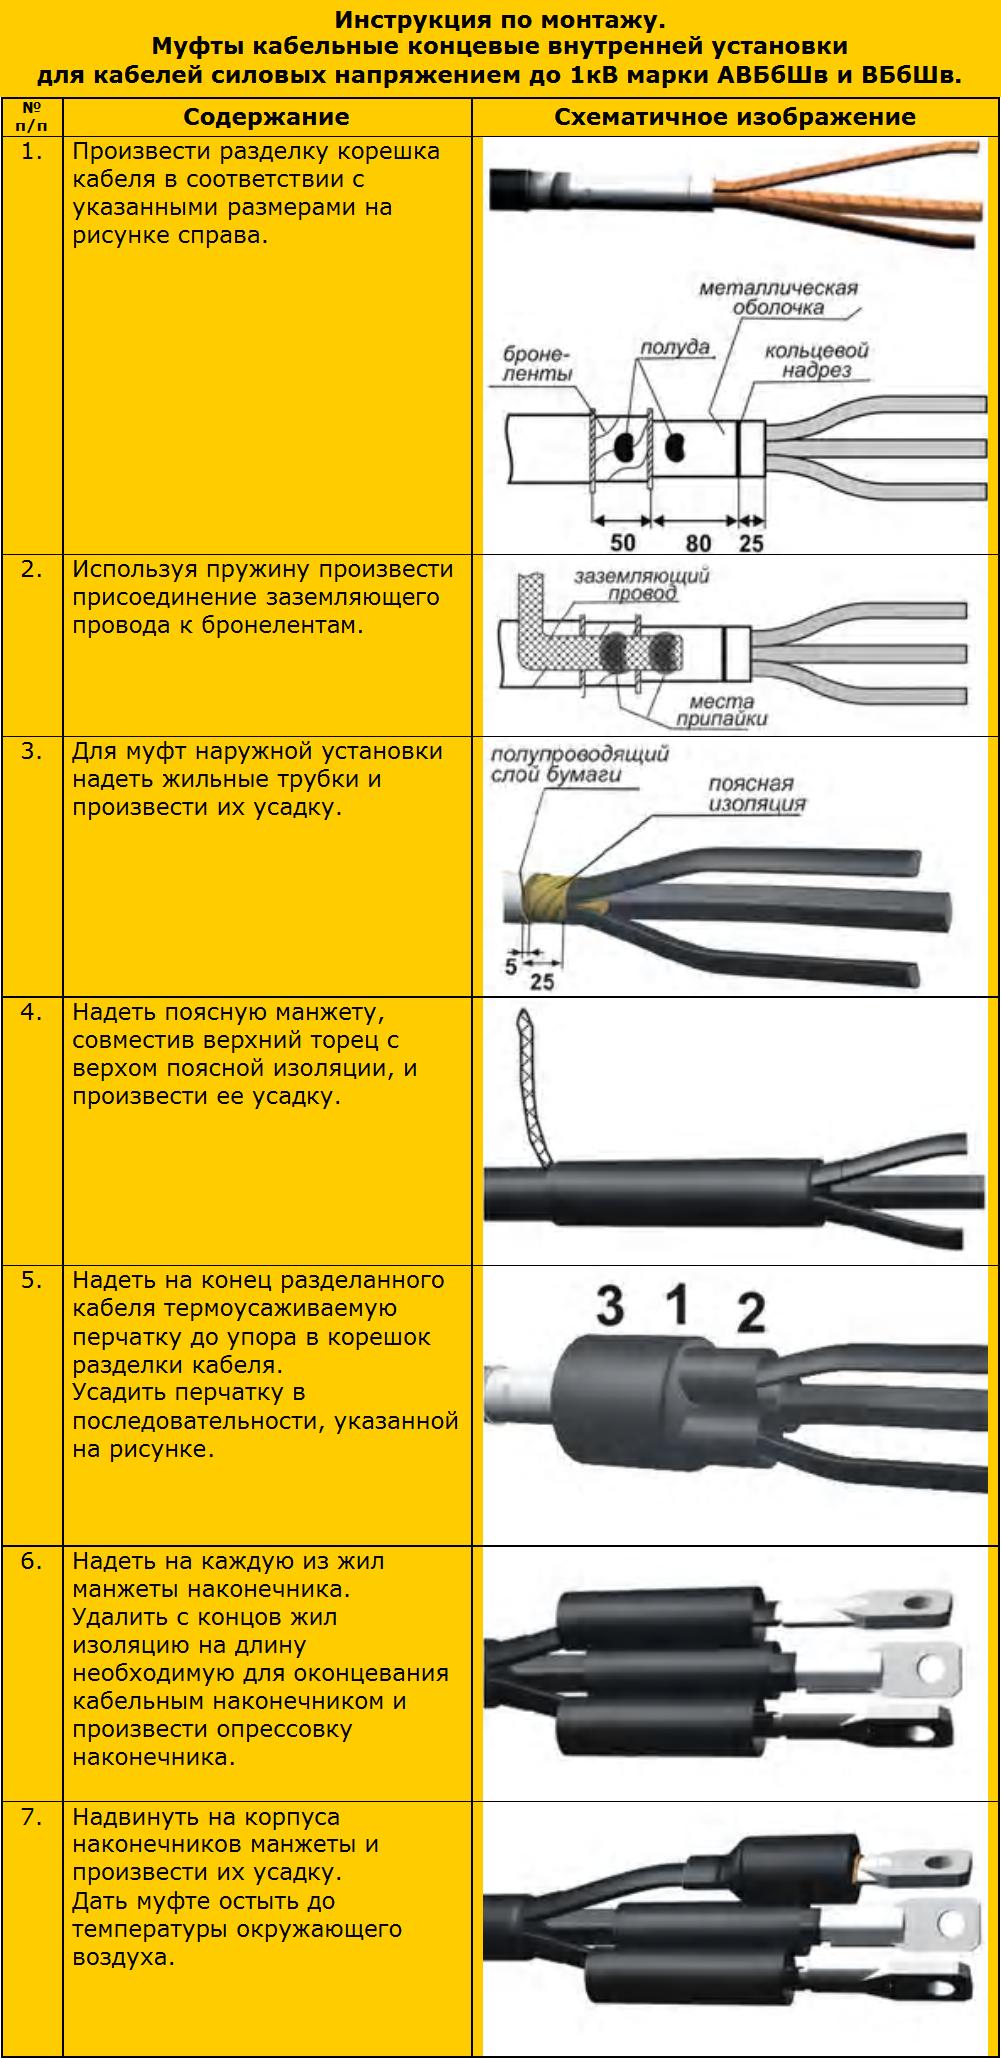 Монтаж концевых заделок внутренней установки | справочник электромонтажника